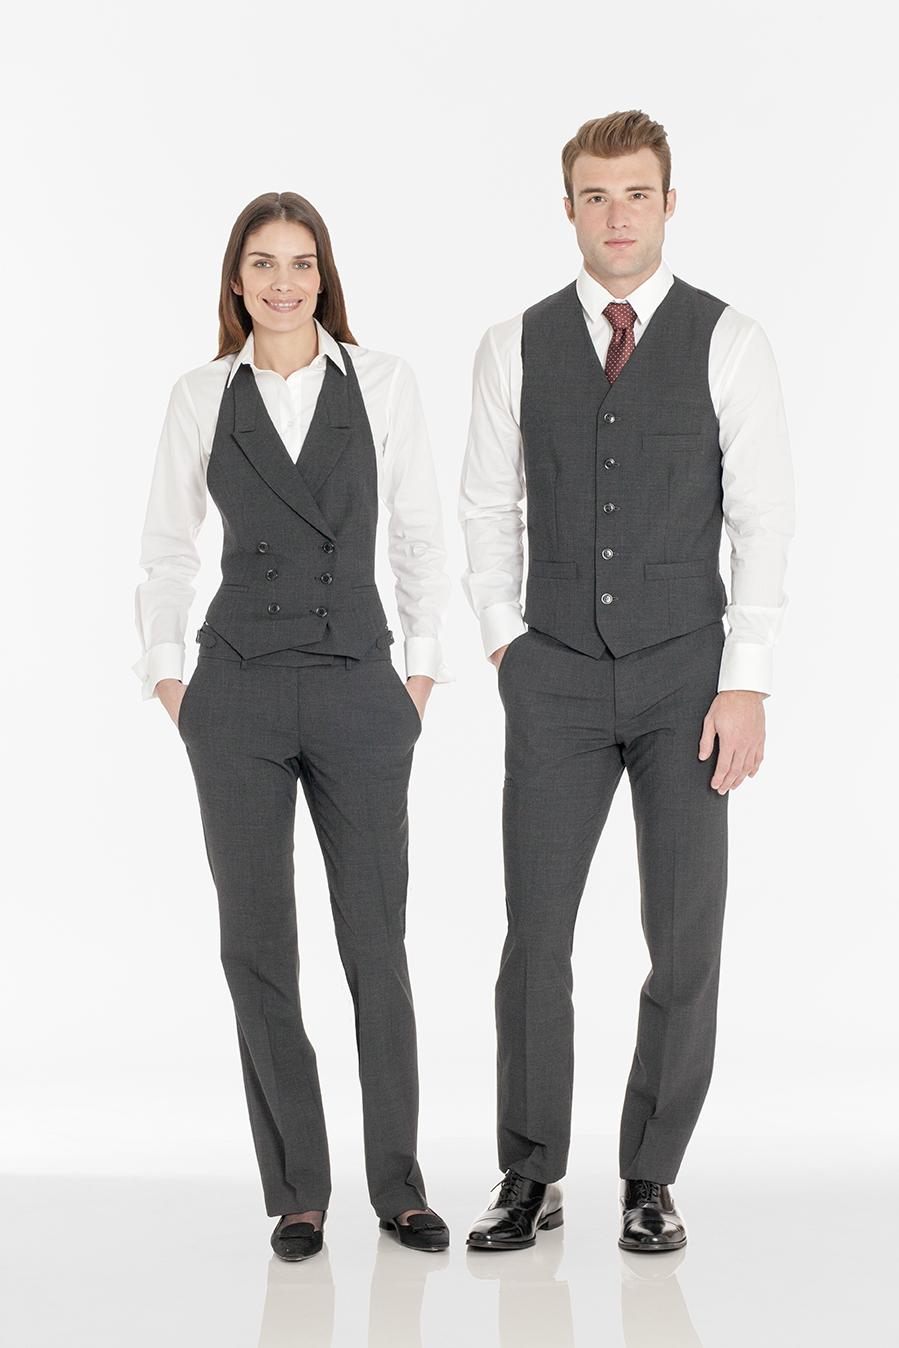 Vest 1106/1250 Shirt 500FC/1000FC Pant 112/283 Tie 1420